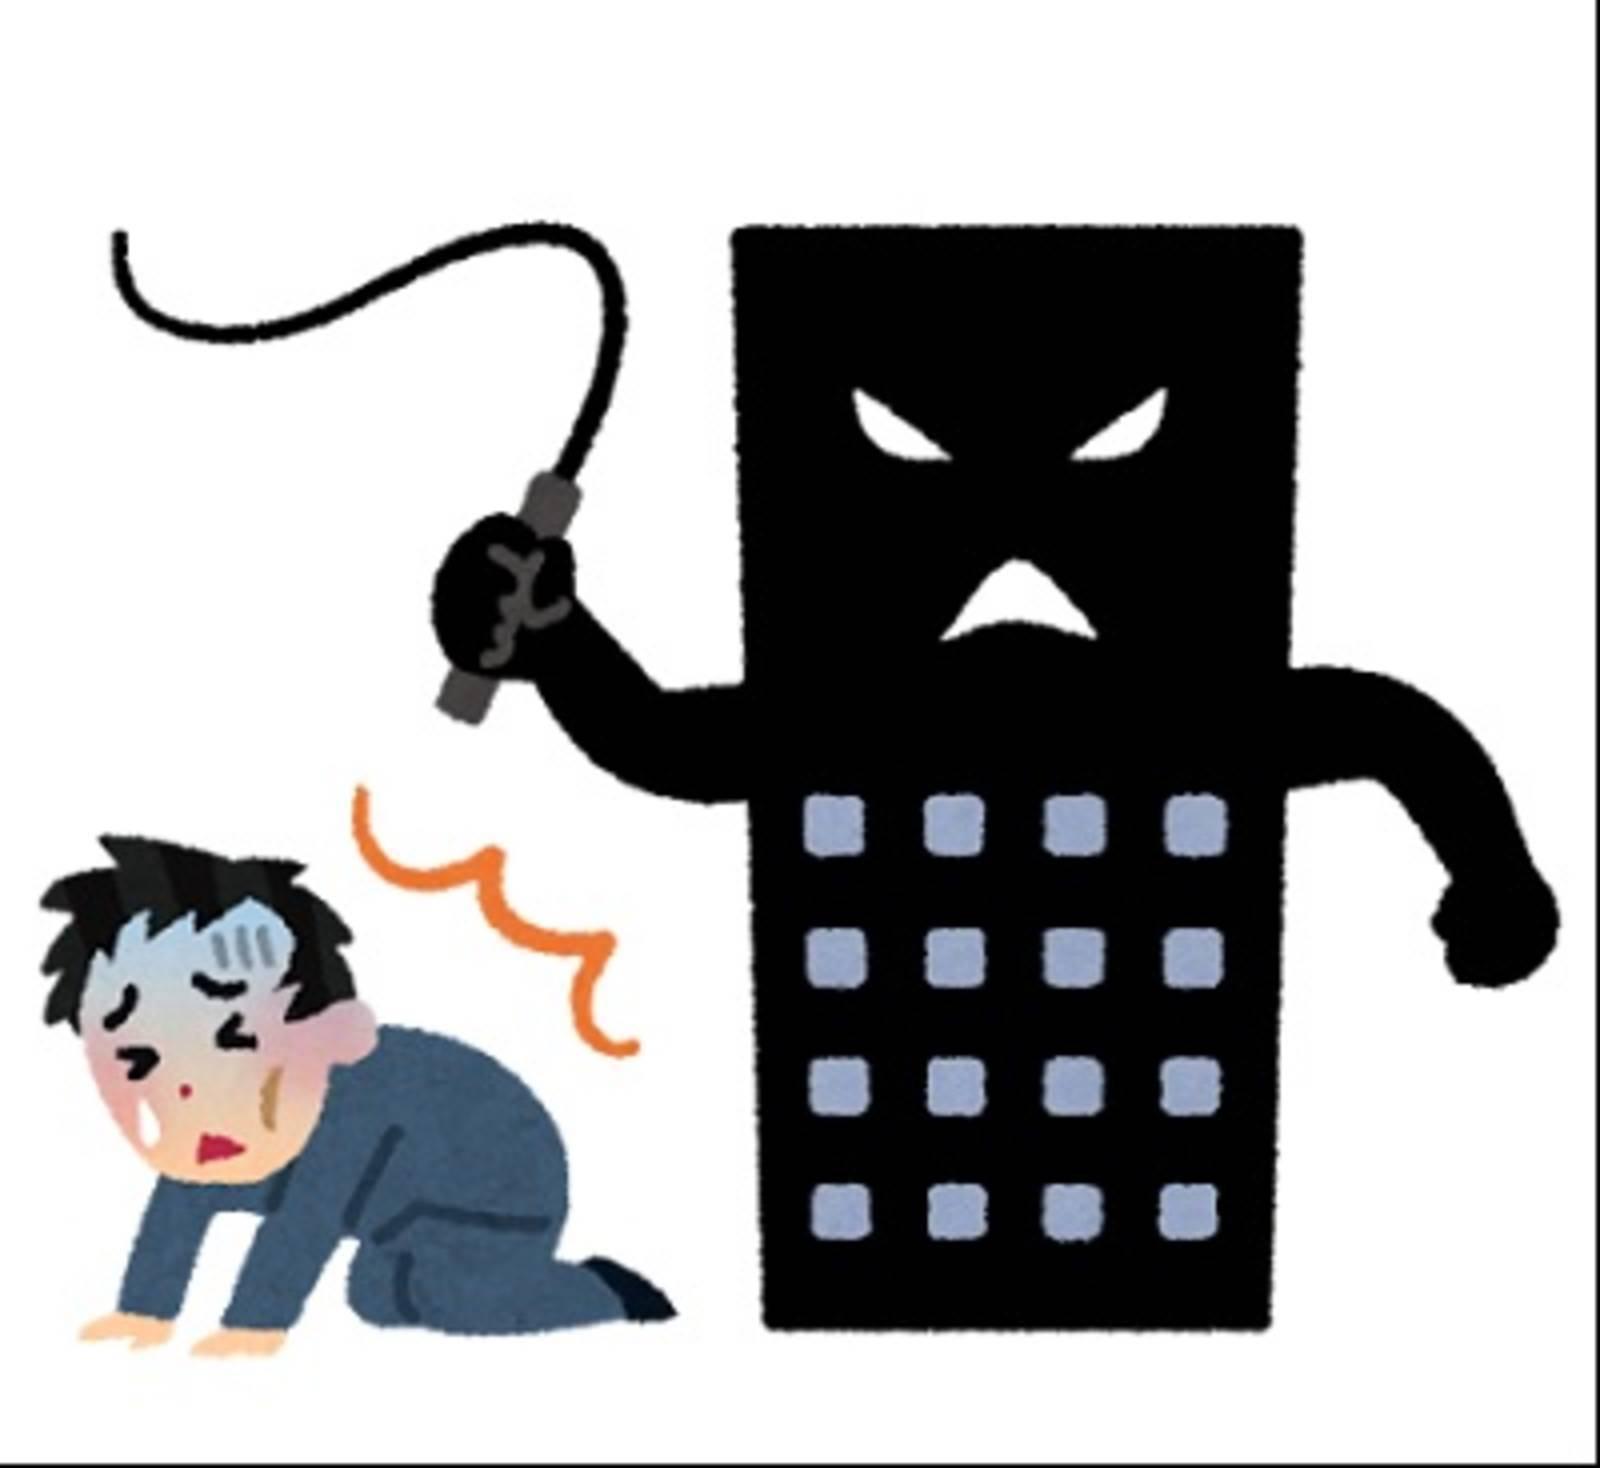 雇い止めのプレッシャーを掛けてくる仕事の対策は職場に依存するな!